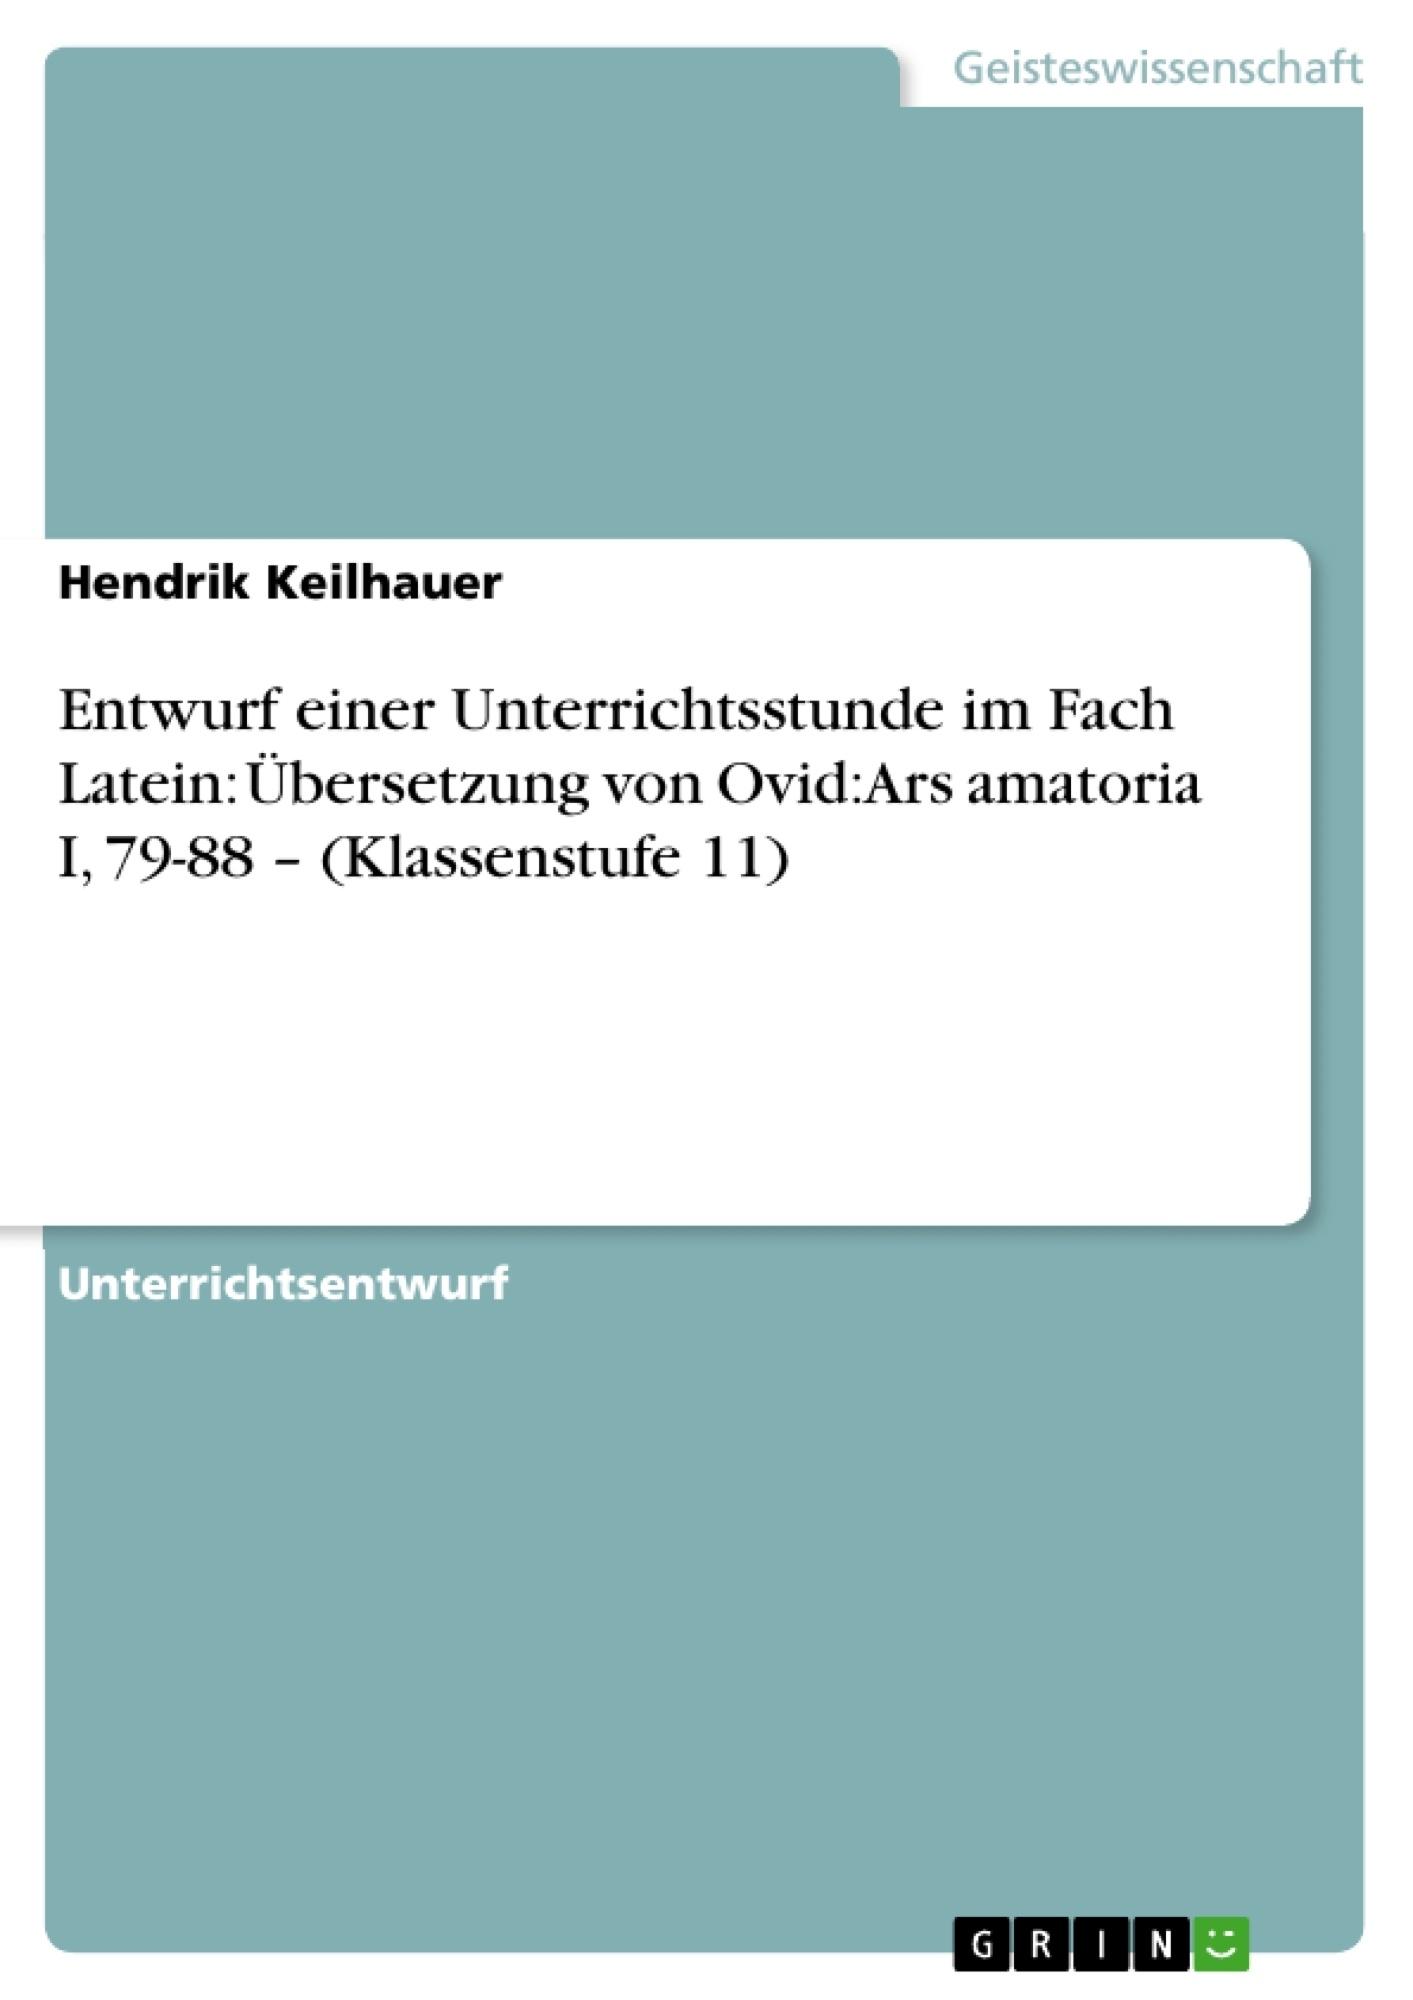 Titel: Entwurf einer Unterrichtsstunde im Fach Latein: Übersetzung von Ovid: Ars amatoria I, 79-88 – (Klassenstufe 11)